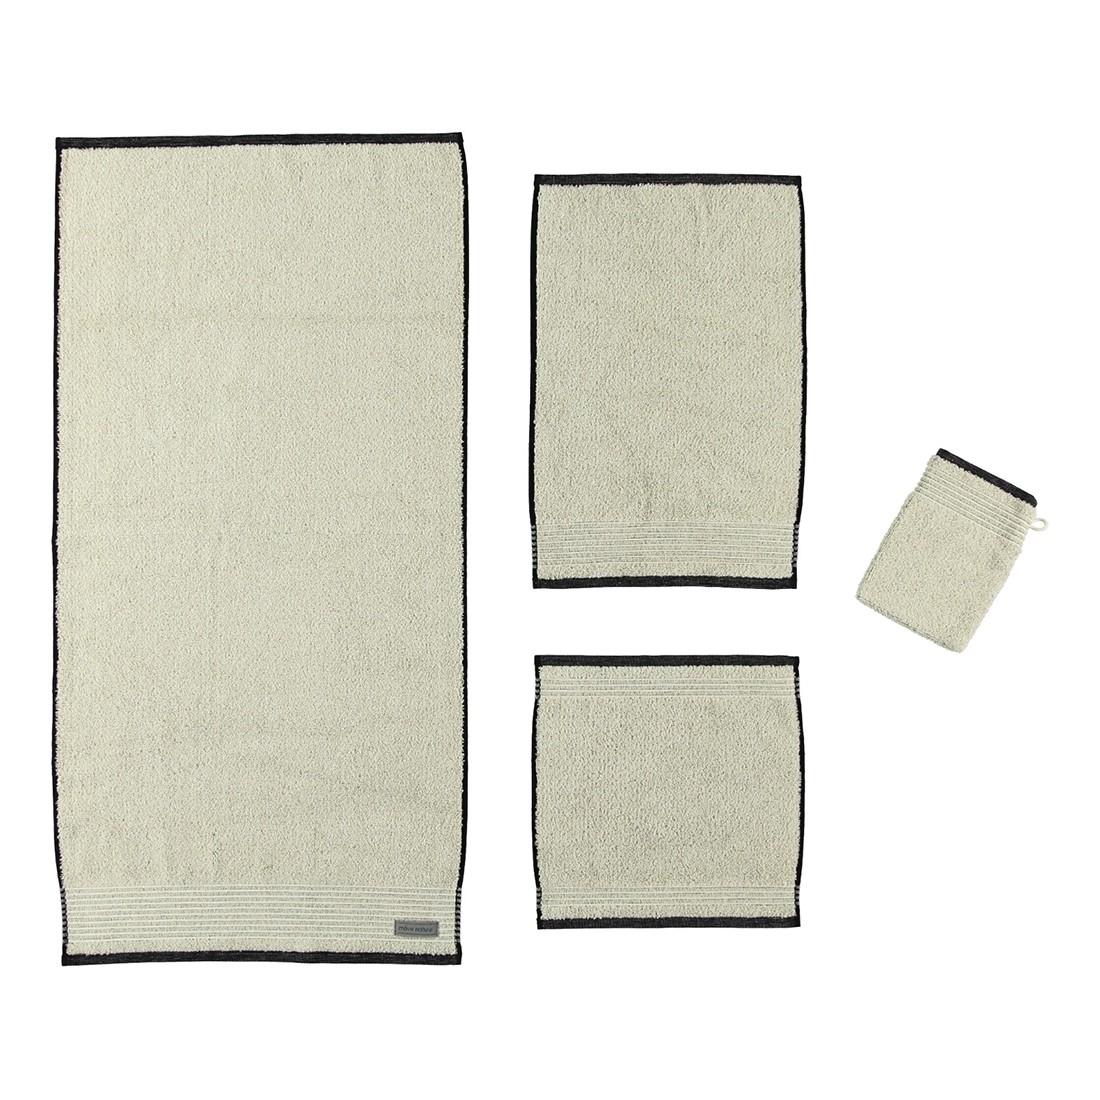 Handtuch Eden – 80% Baumwolle, 20% Leinen Natur – 081 – Seiflappen: 30 x 30 cm, Möve online bestellen